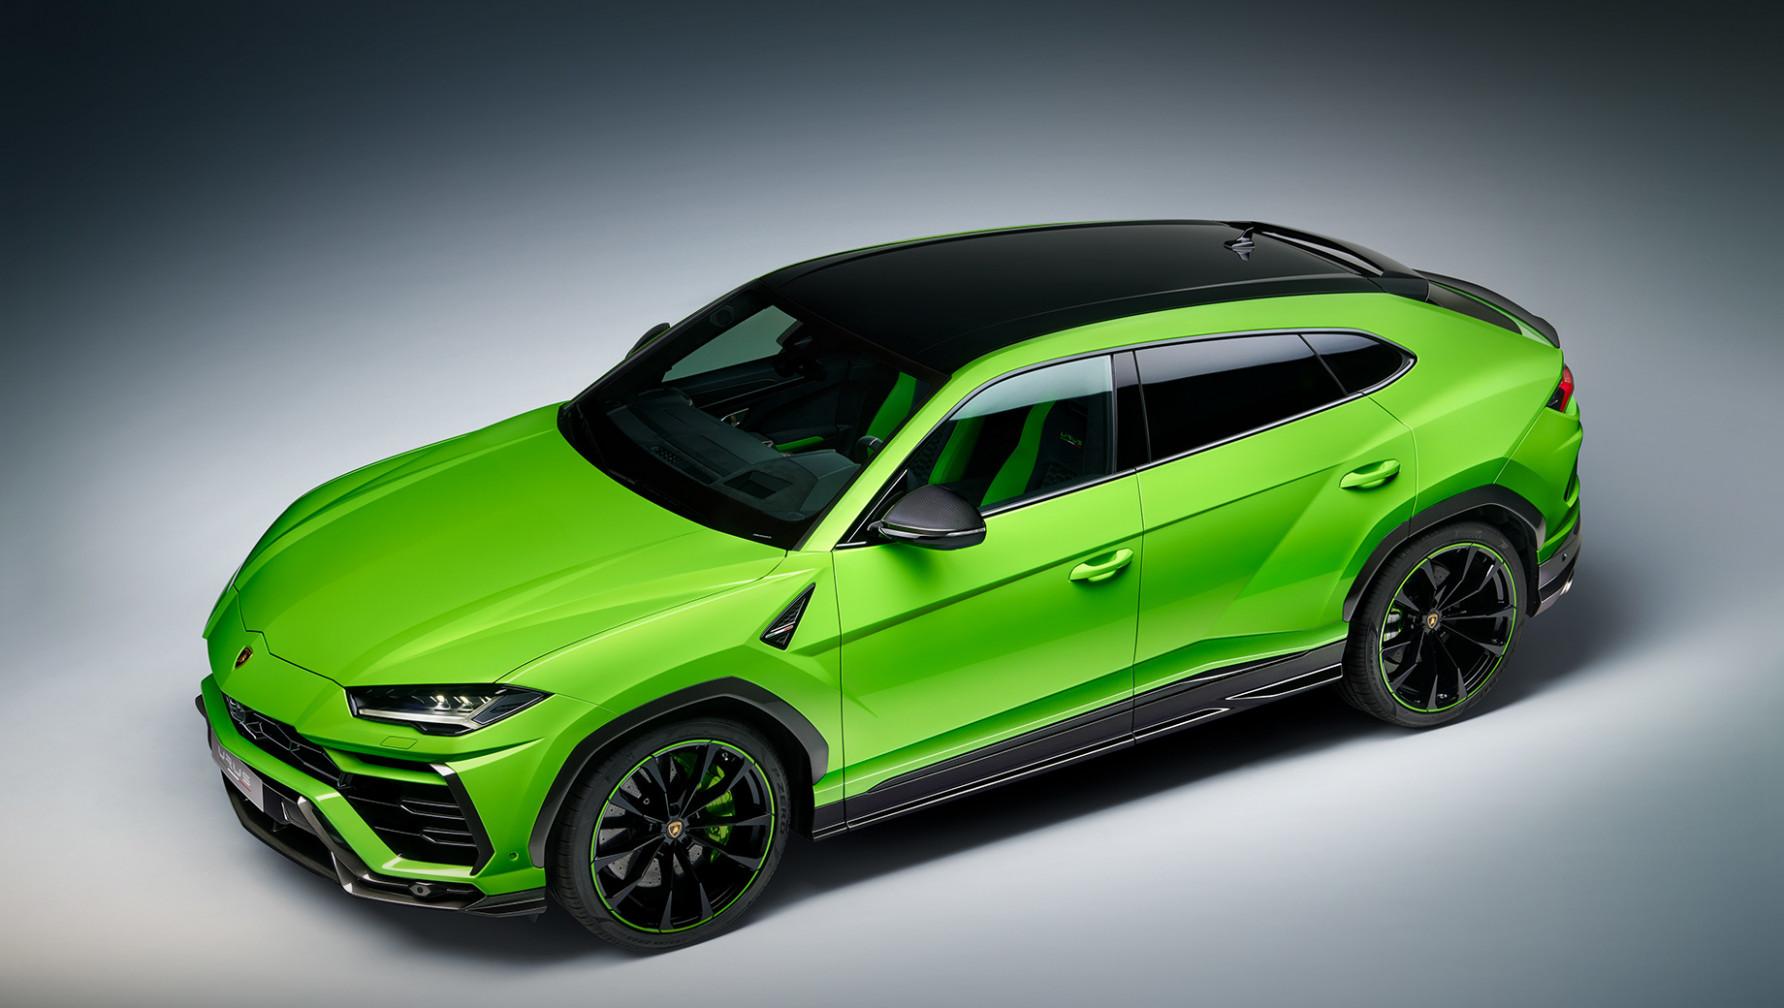 Picture 2022 Lamborghini Urus